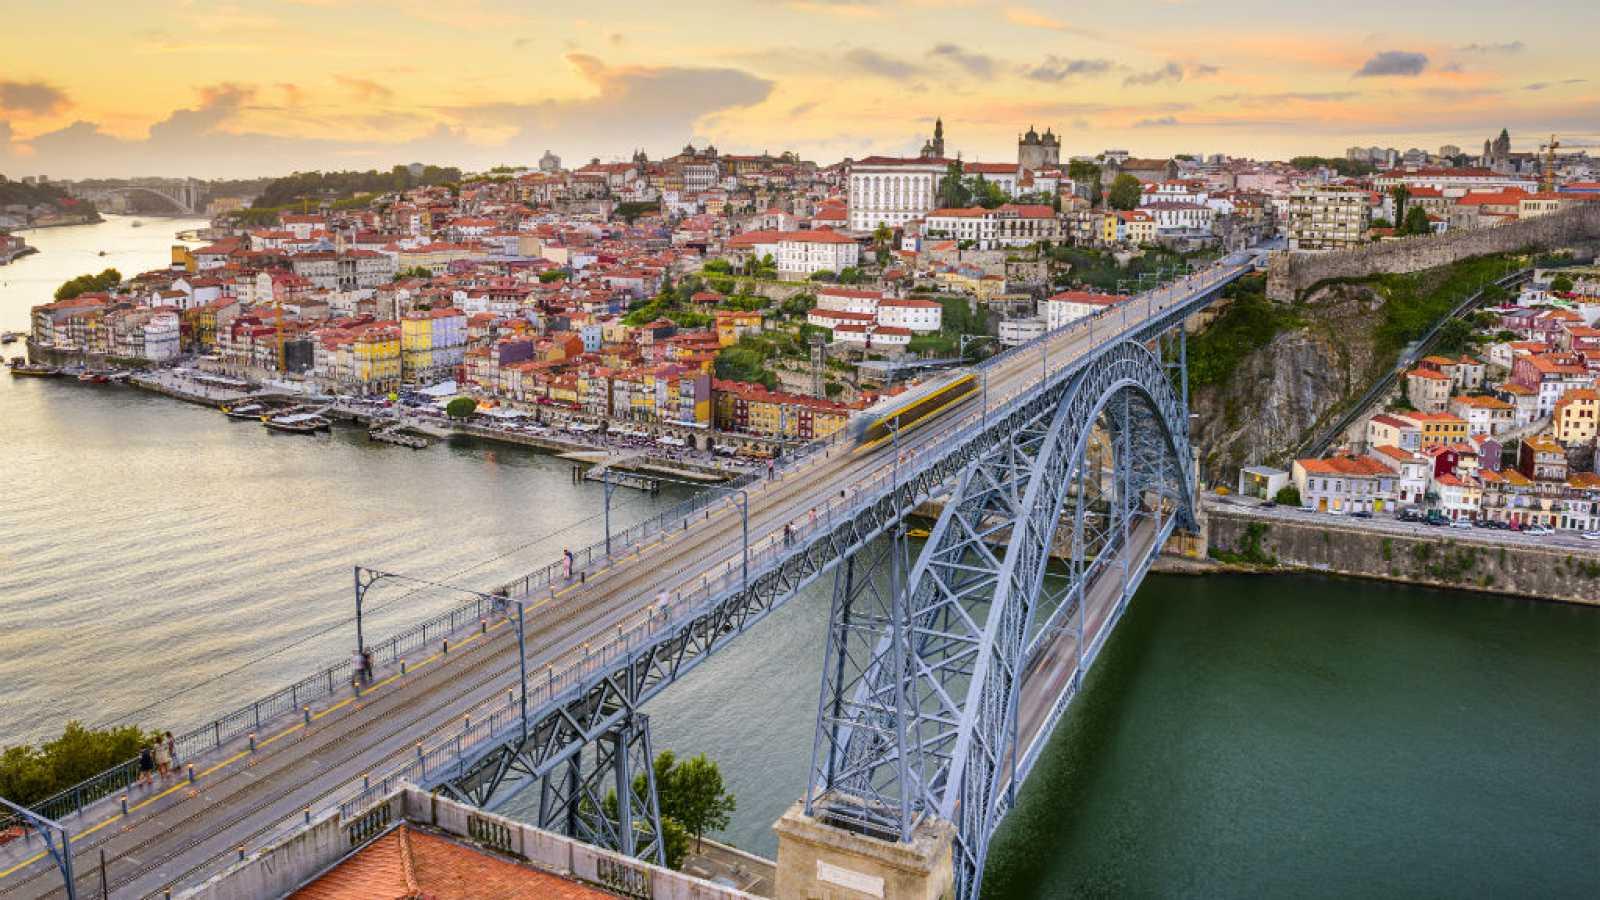 Canal Europa - Ciudades europeas: Cinco edificios de Oporto - 02/06/19 - escuchar ahora